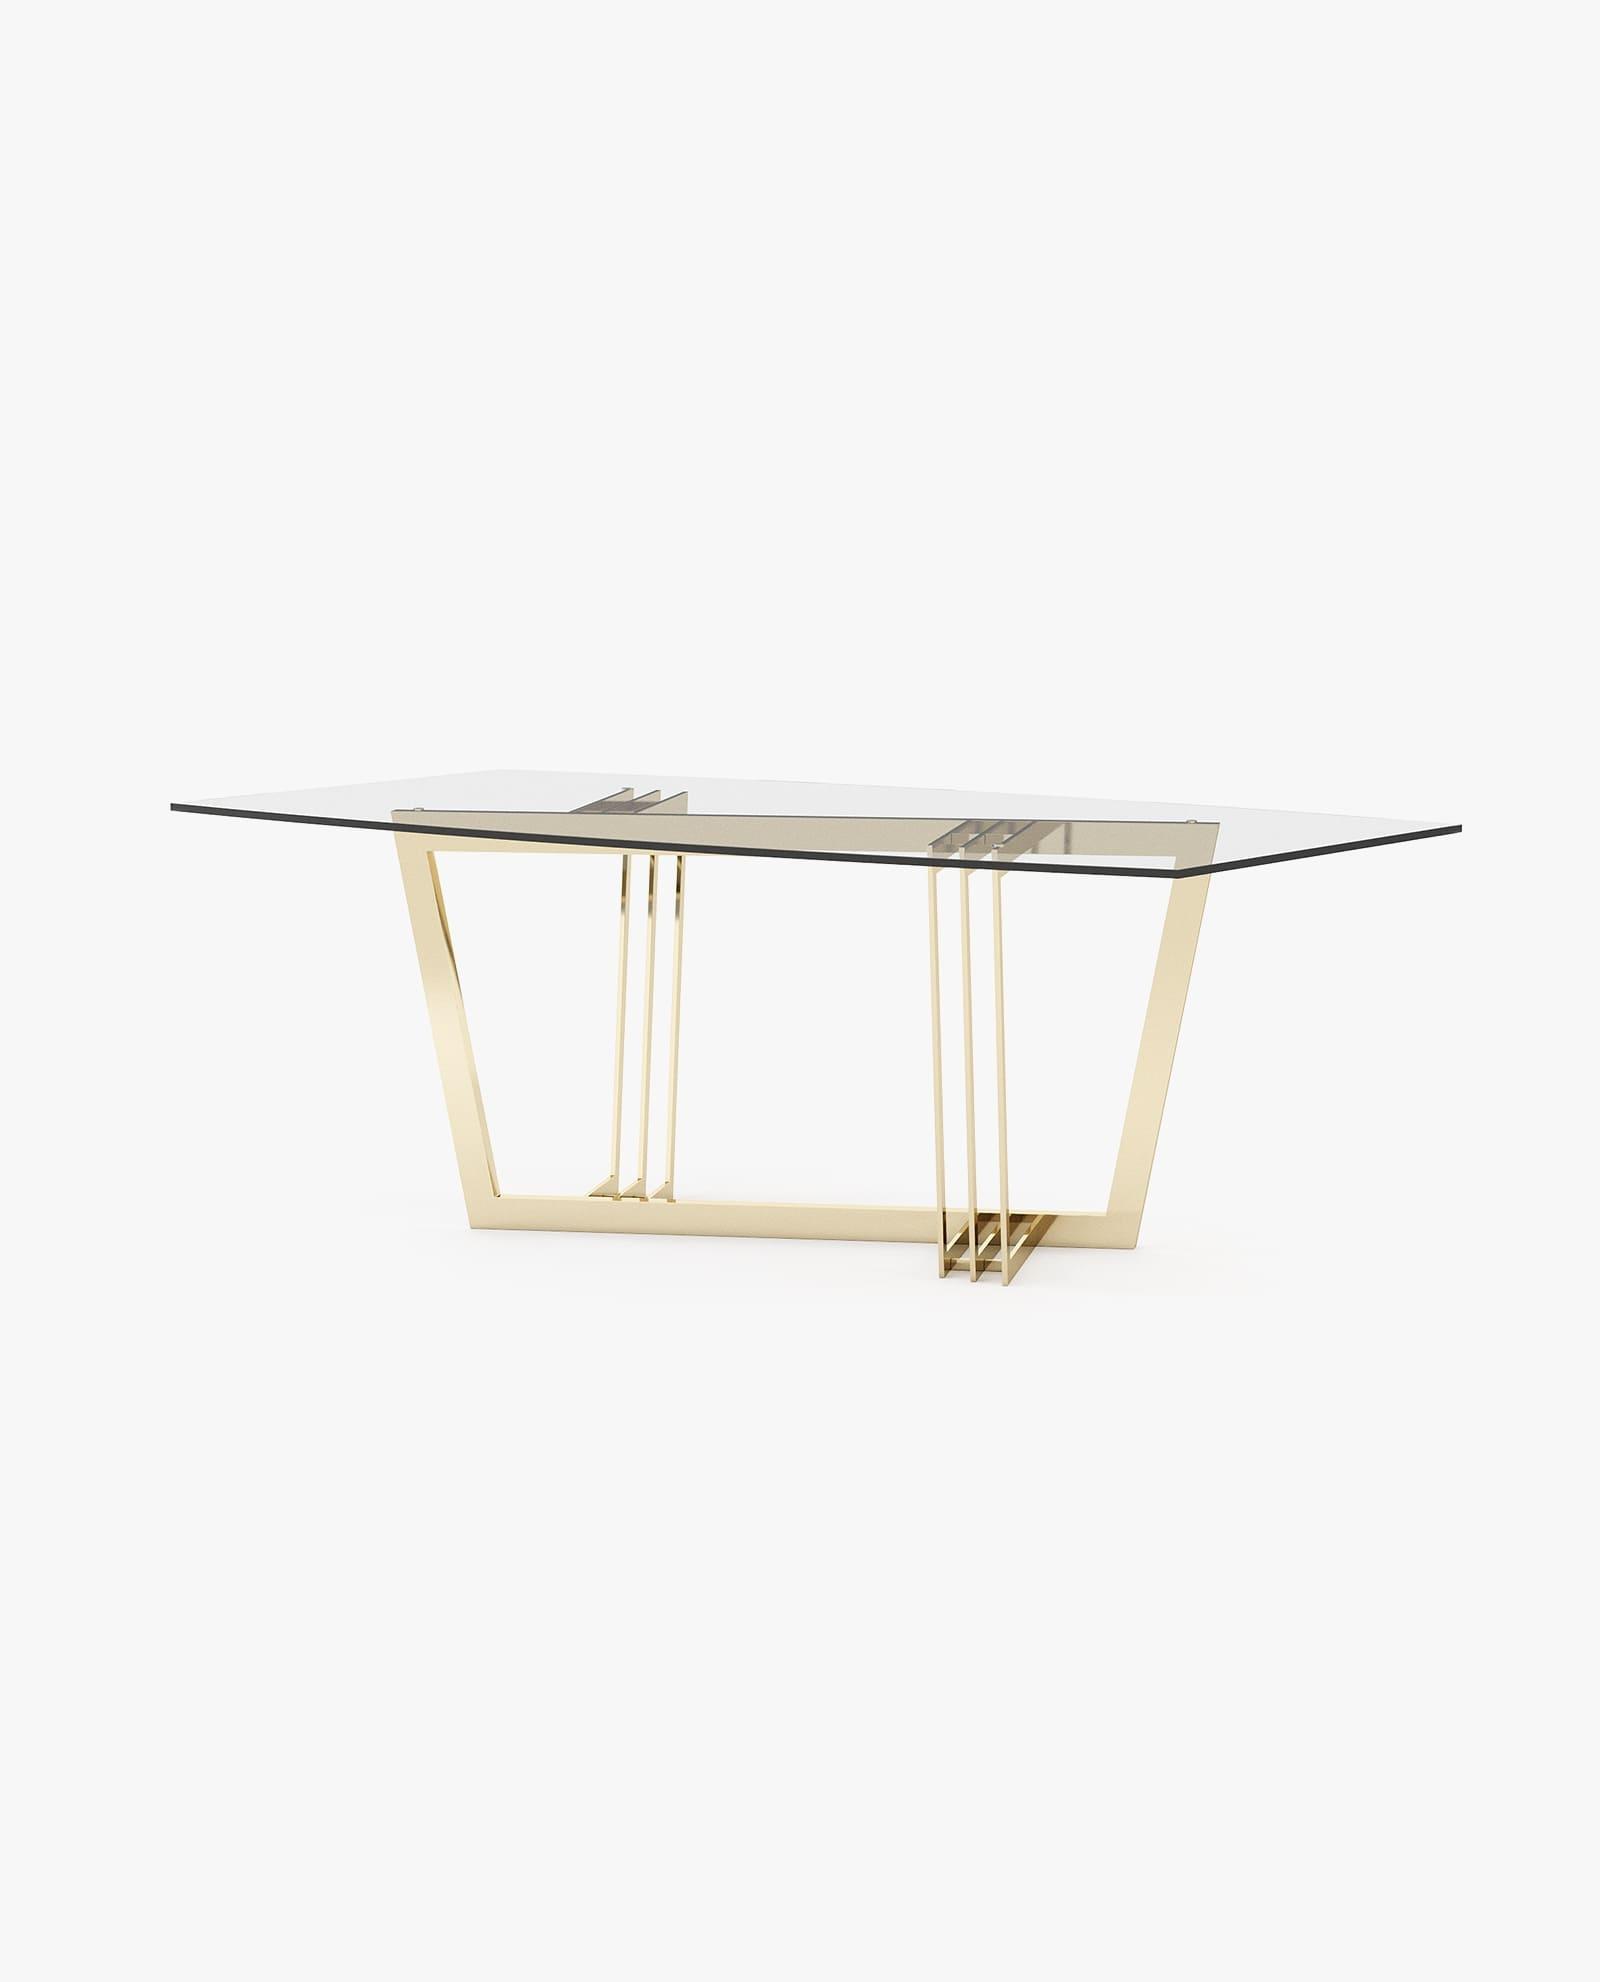 mesa de jantar com inox dourado e vidro